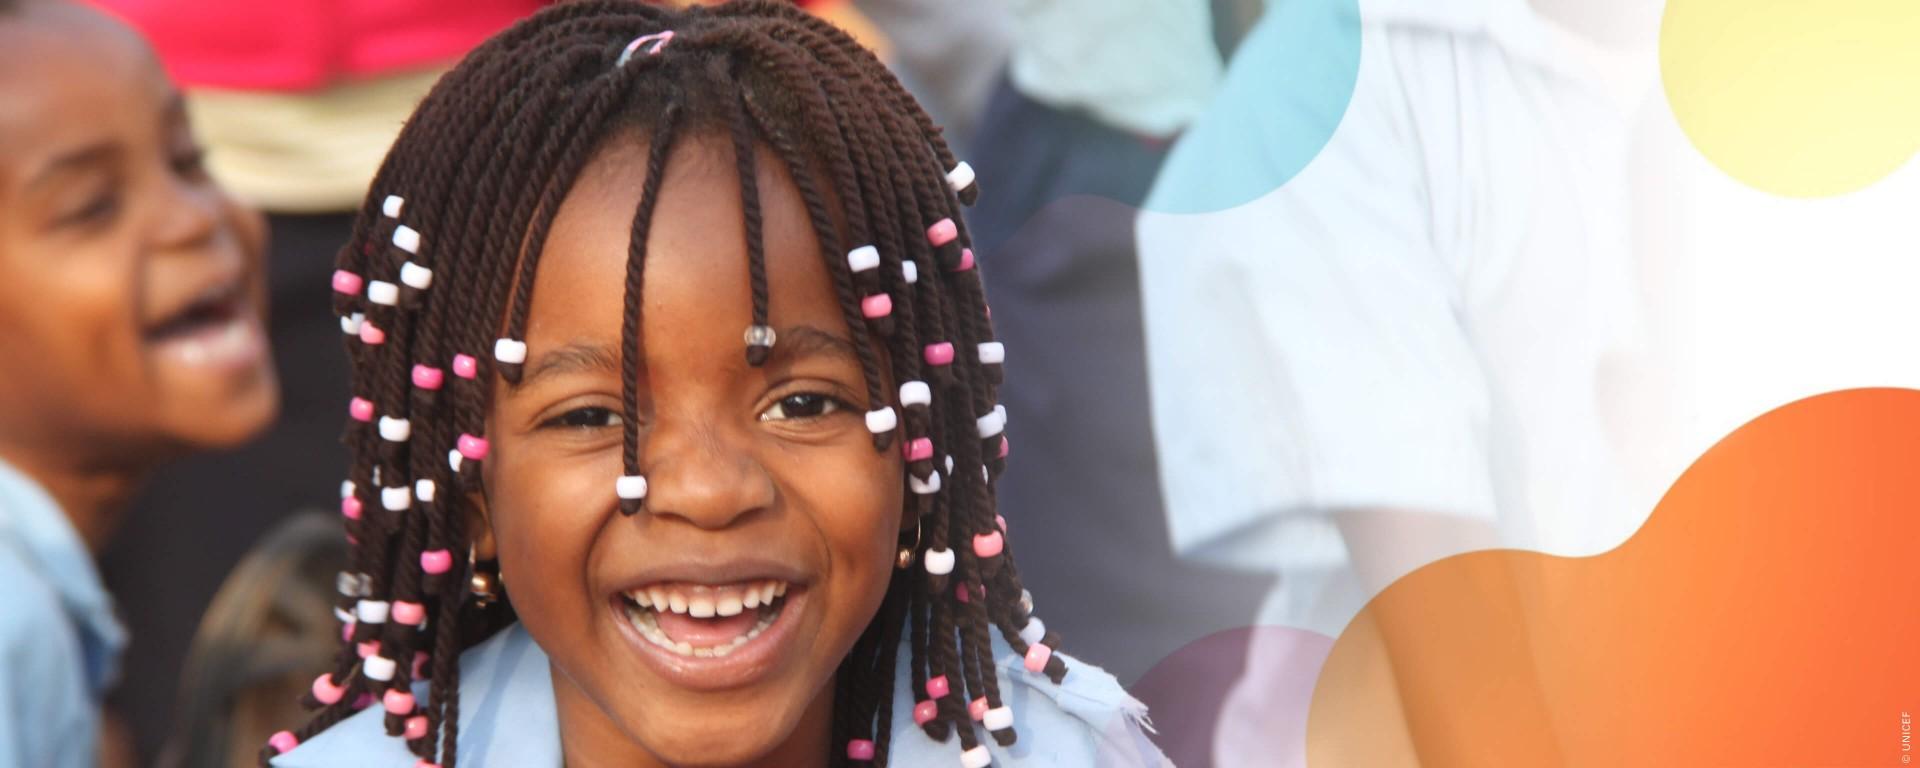 UNICEF Polska - Kinderkraft